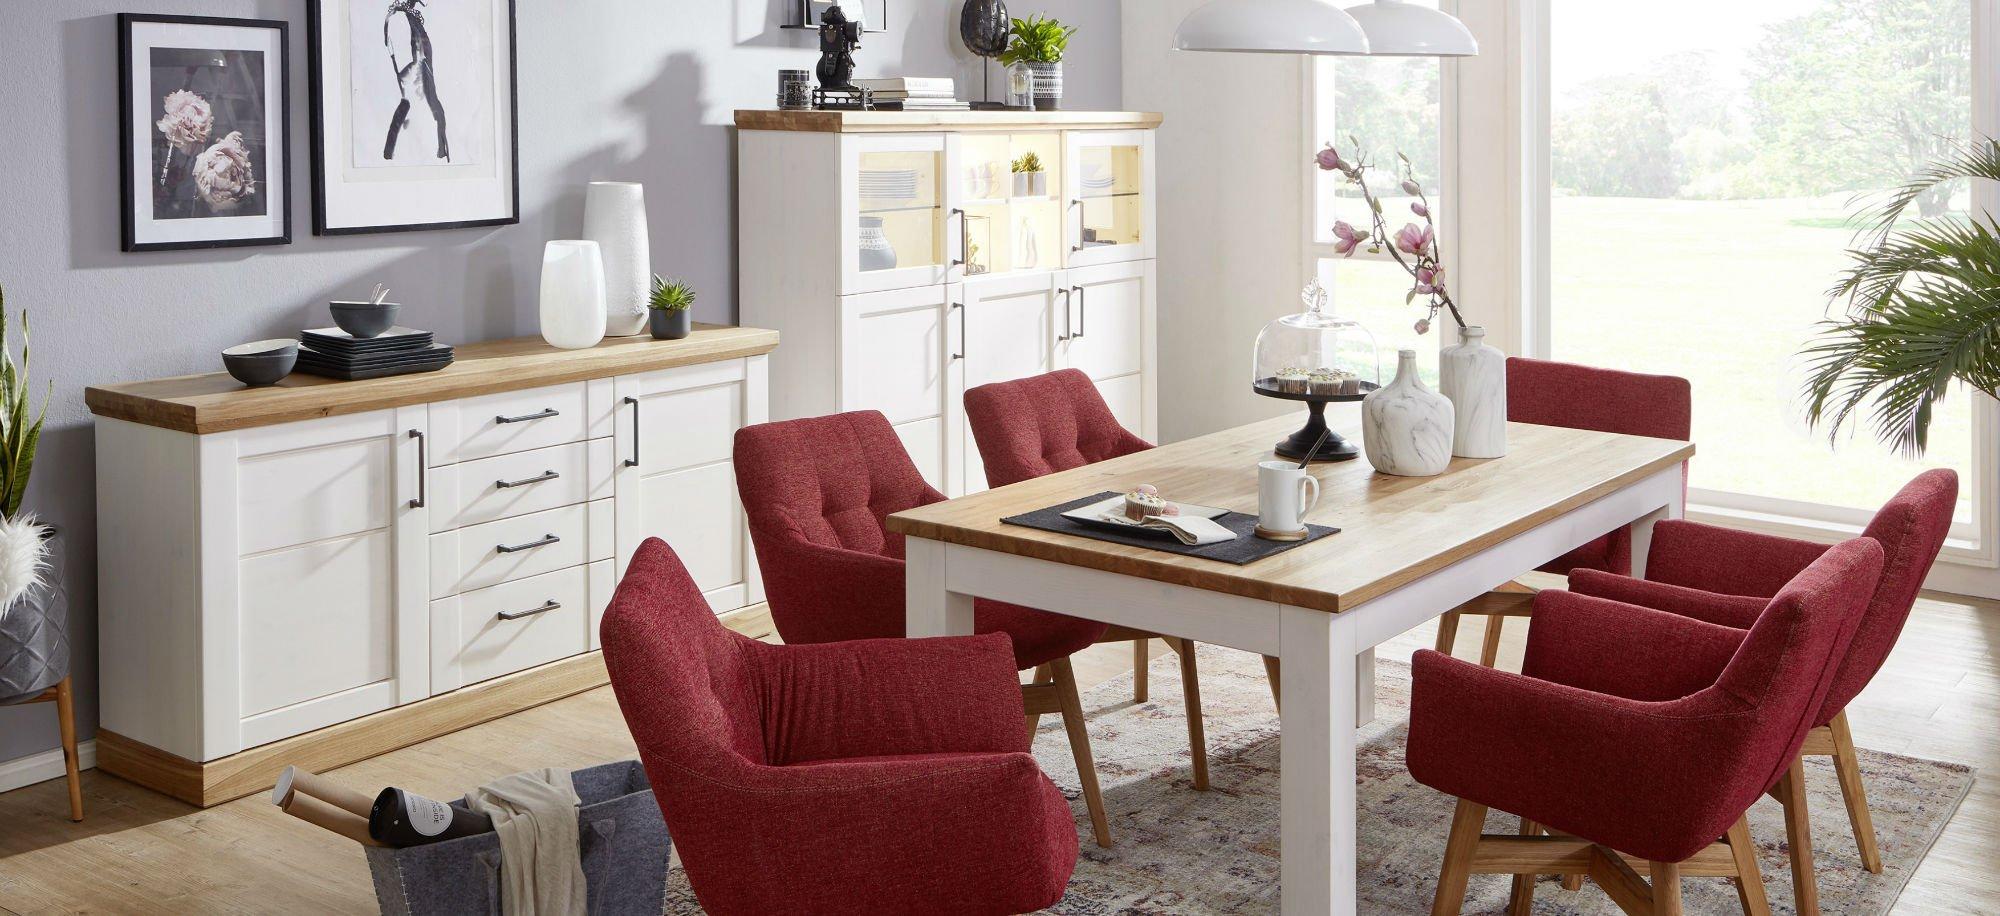 Wohnzimmer Speisezimmer Hagebro Kiefer Massiv weiß, Bild 2